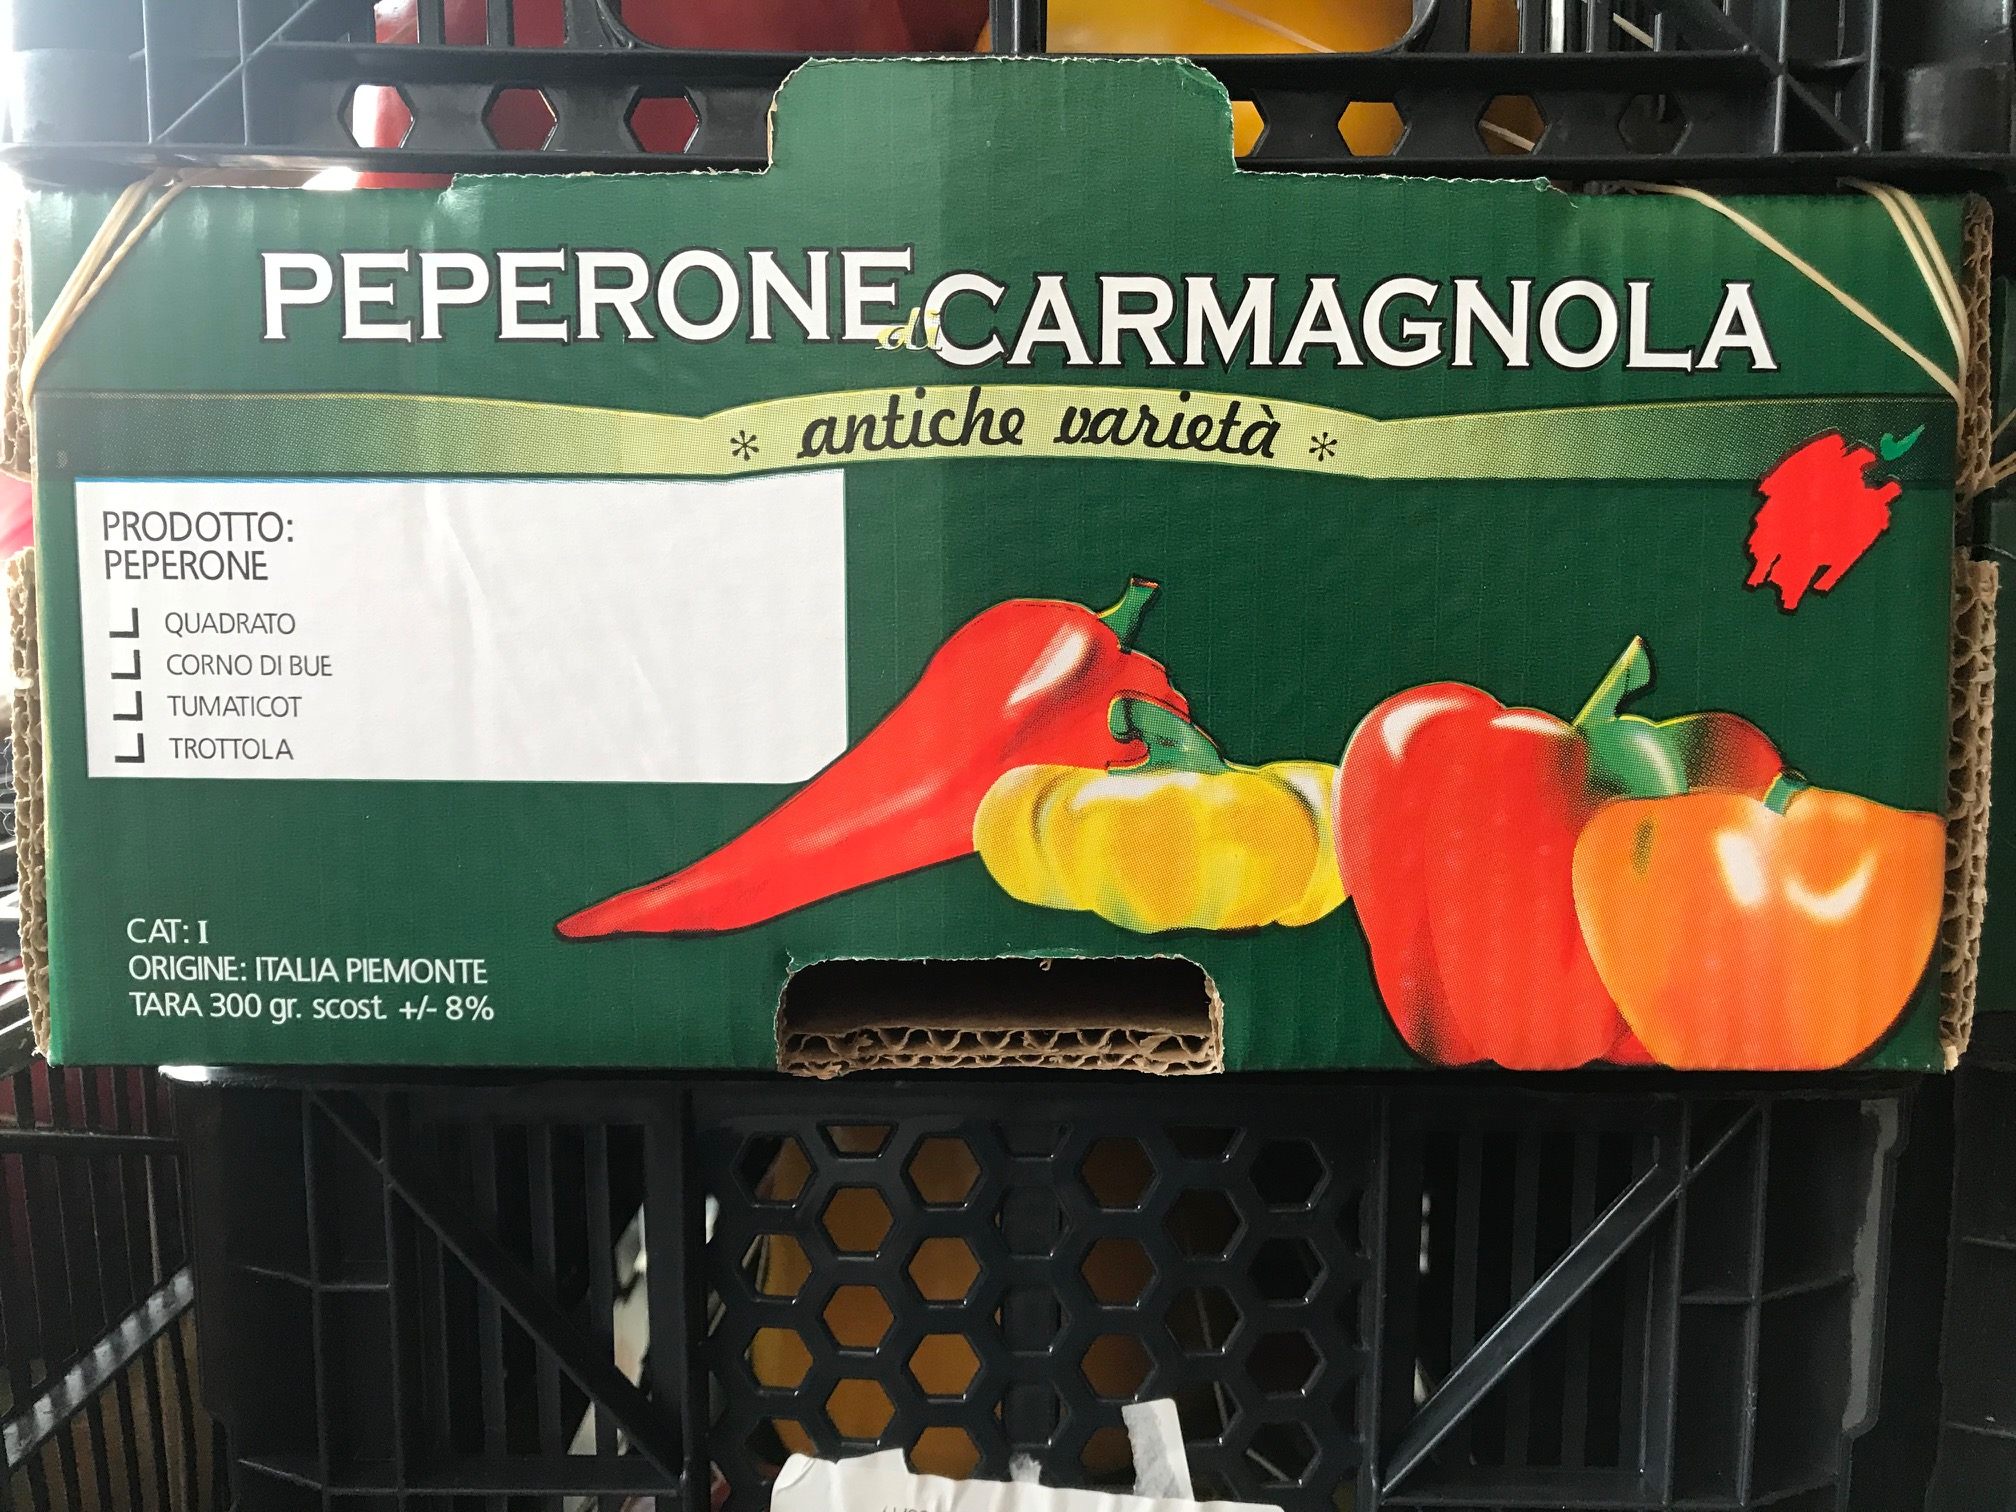 4 tipi di peperoni Carmagnola